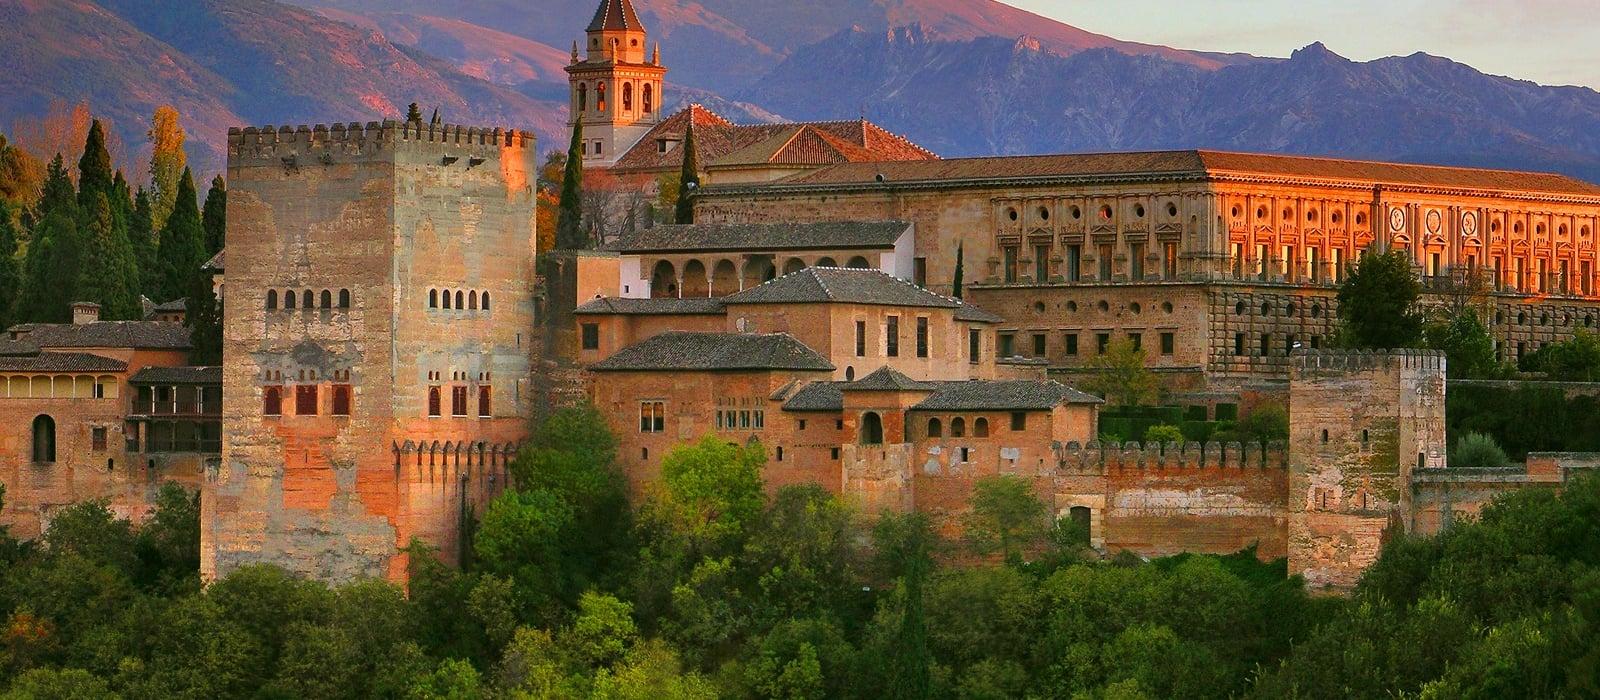 Vincci Hoteles. I migliori hotel a Granada